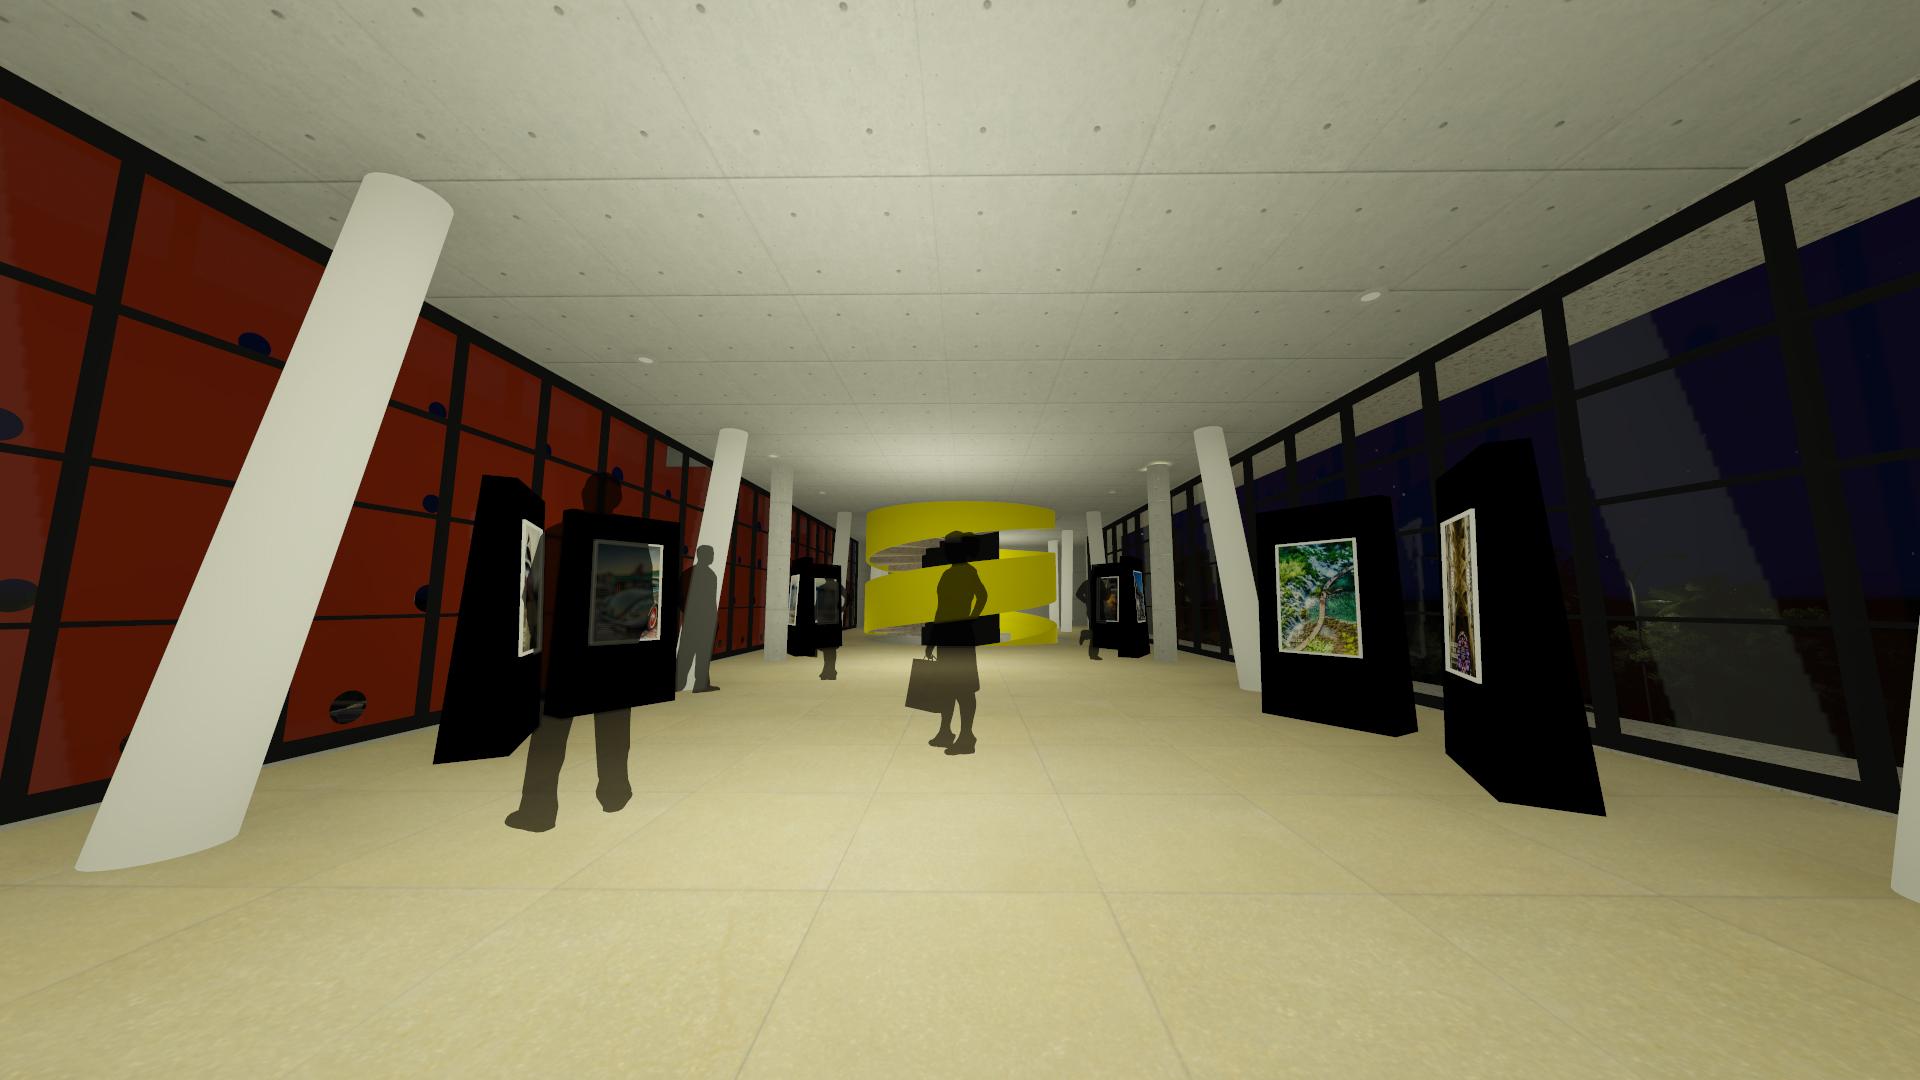 projeto-arquitetonico-museumacaiba-duo-arquitetura-020.jpg